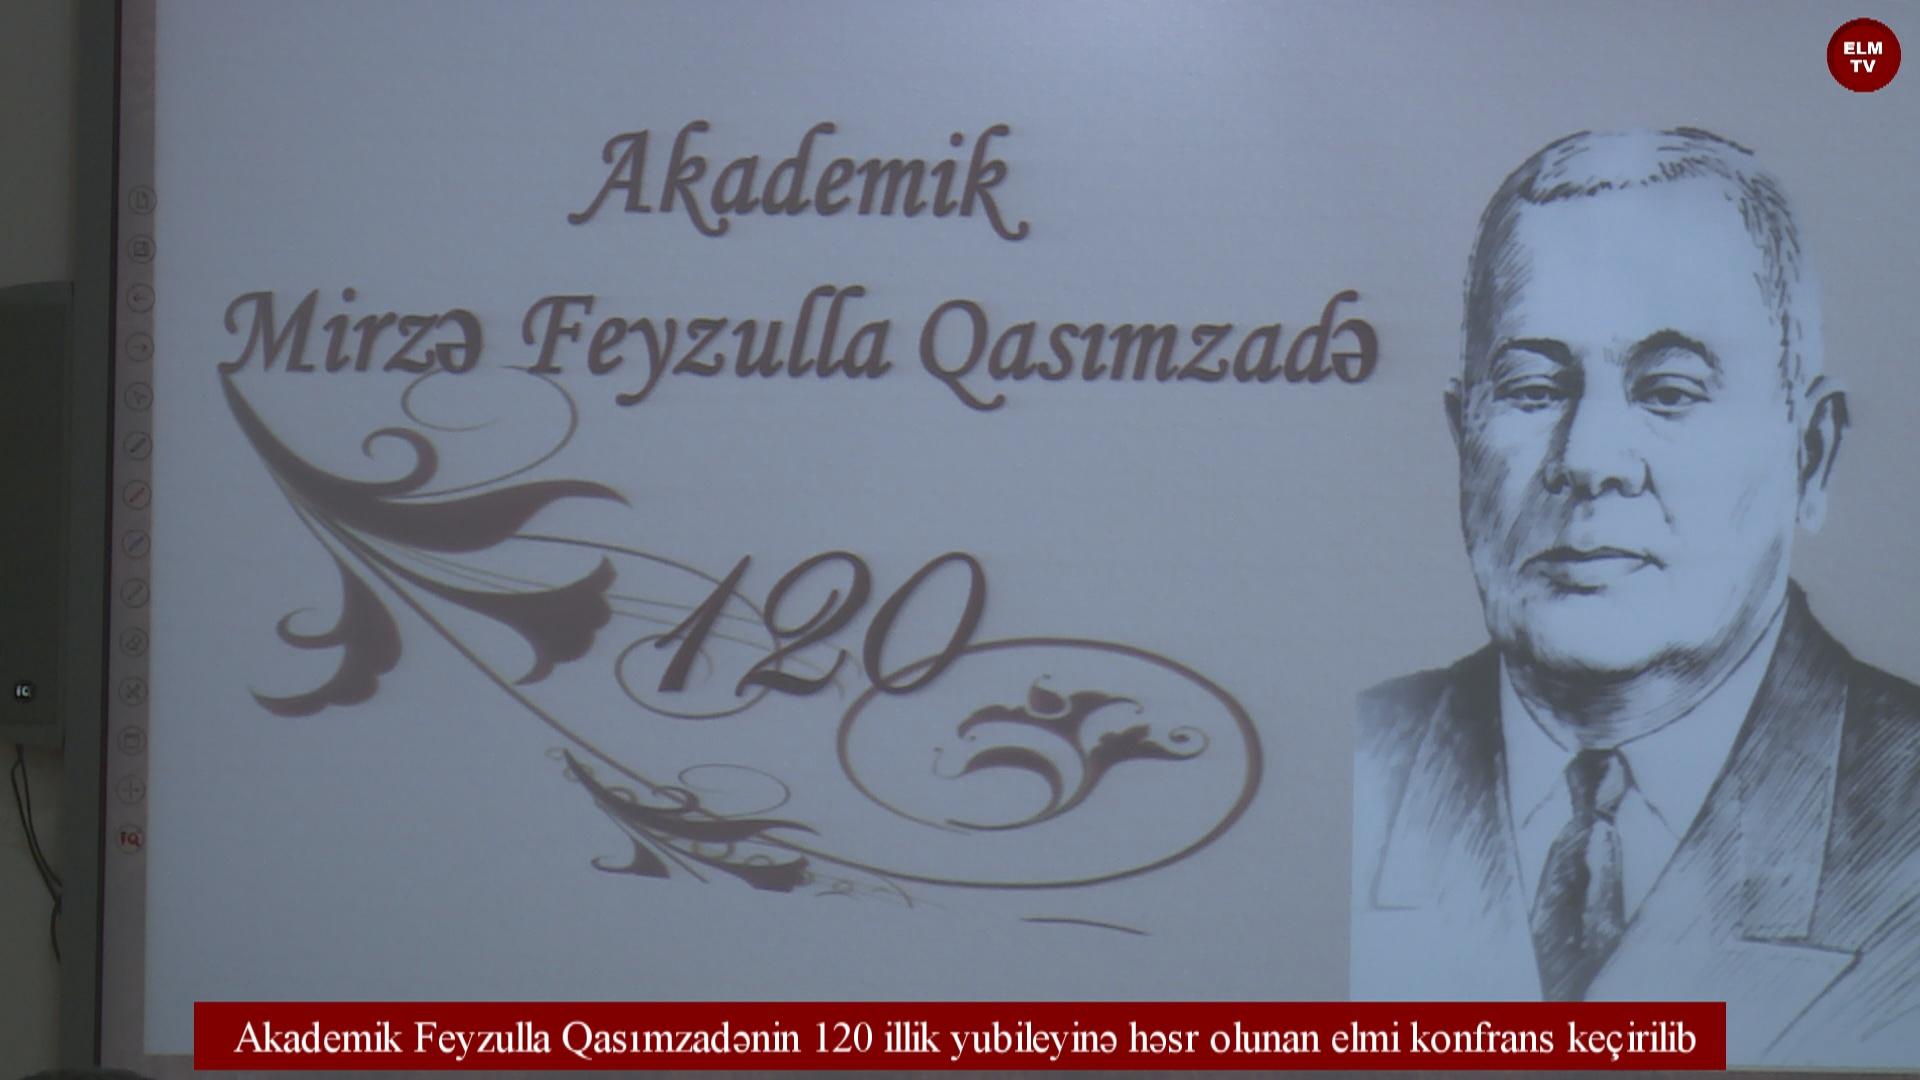 Akademik Feyzulla Qasımzadənin 120 illik yubileyinə həsr olunan elmi konfrans keçirilib